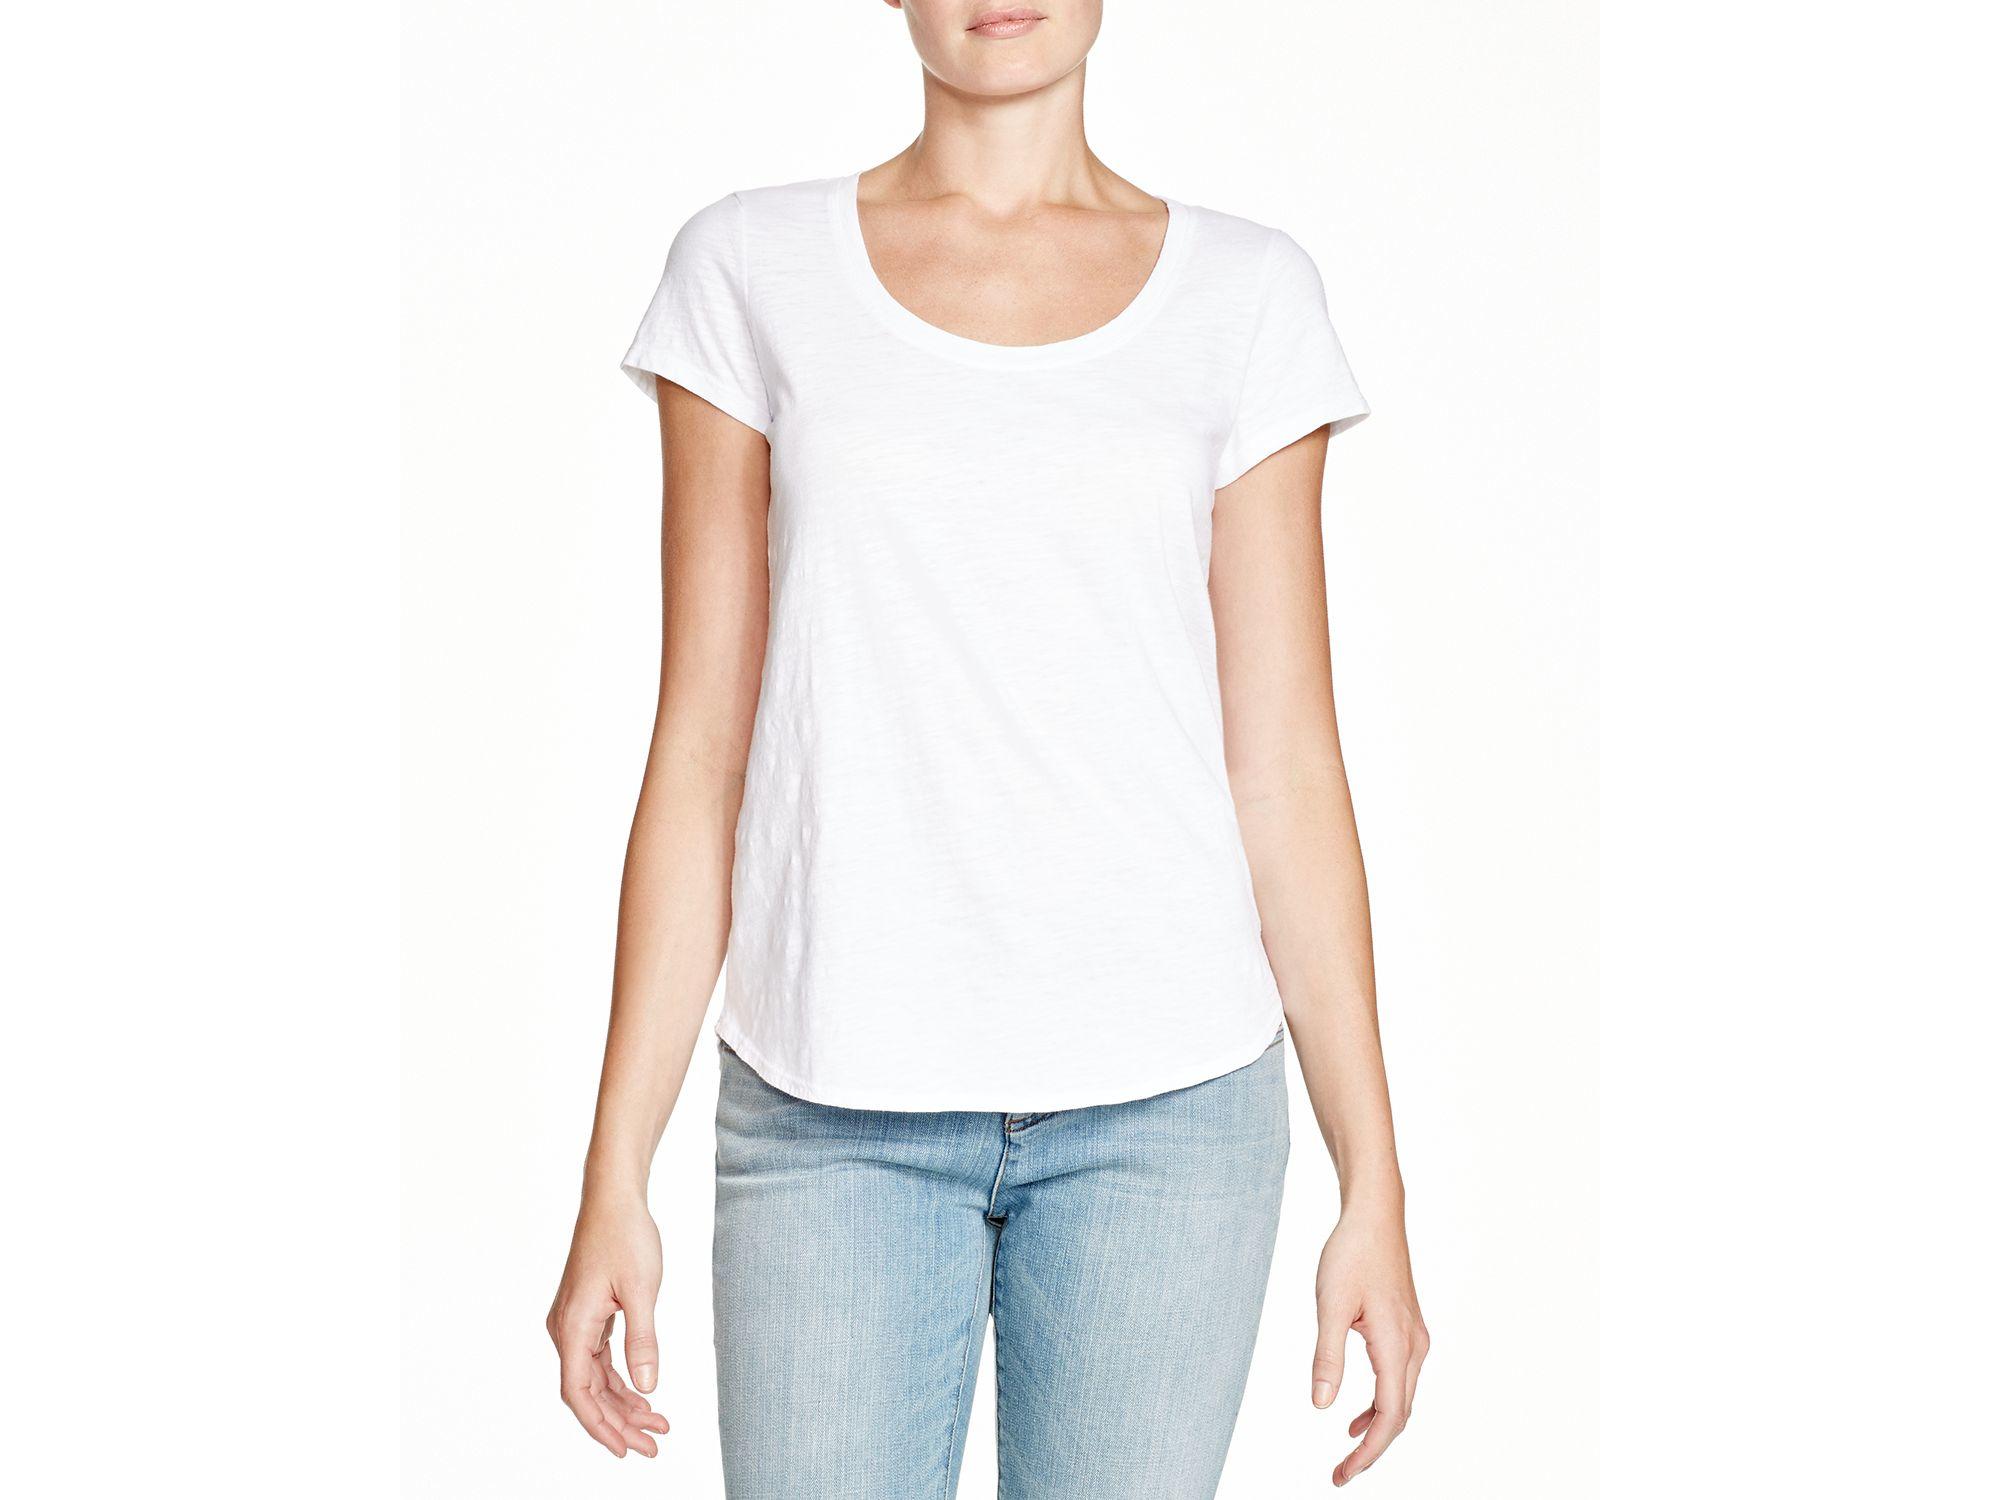 Eileen fisher organic cotton scoop neck tee in white lyst for Eileen fisher organic cotton t shirt